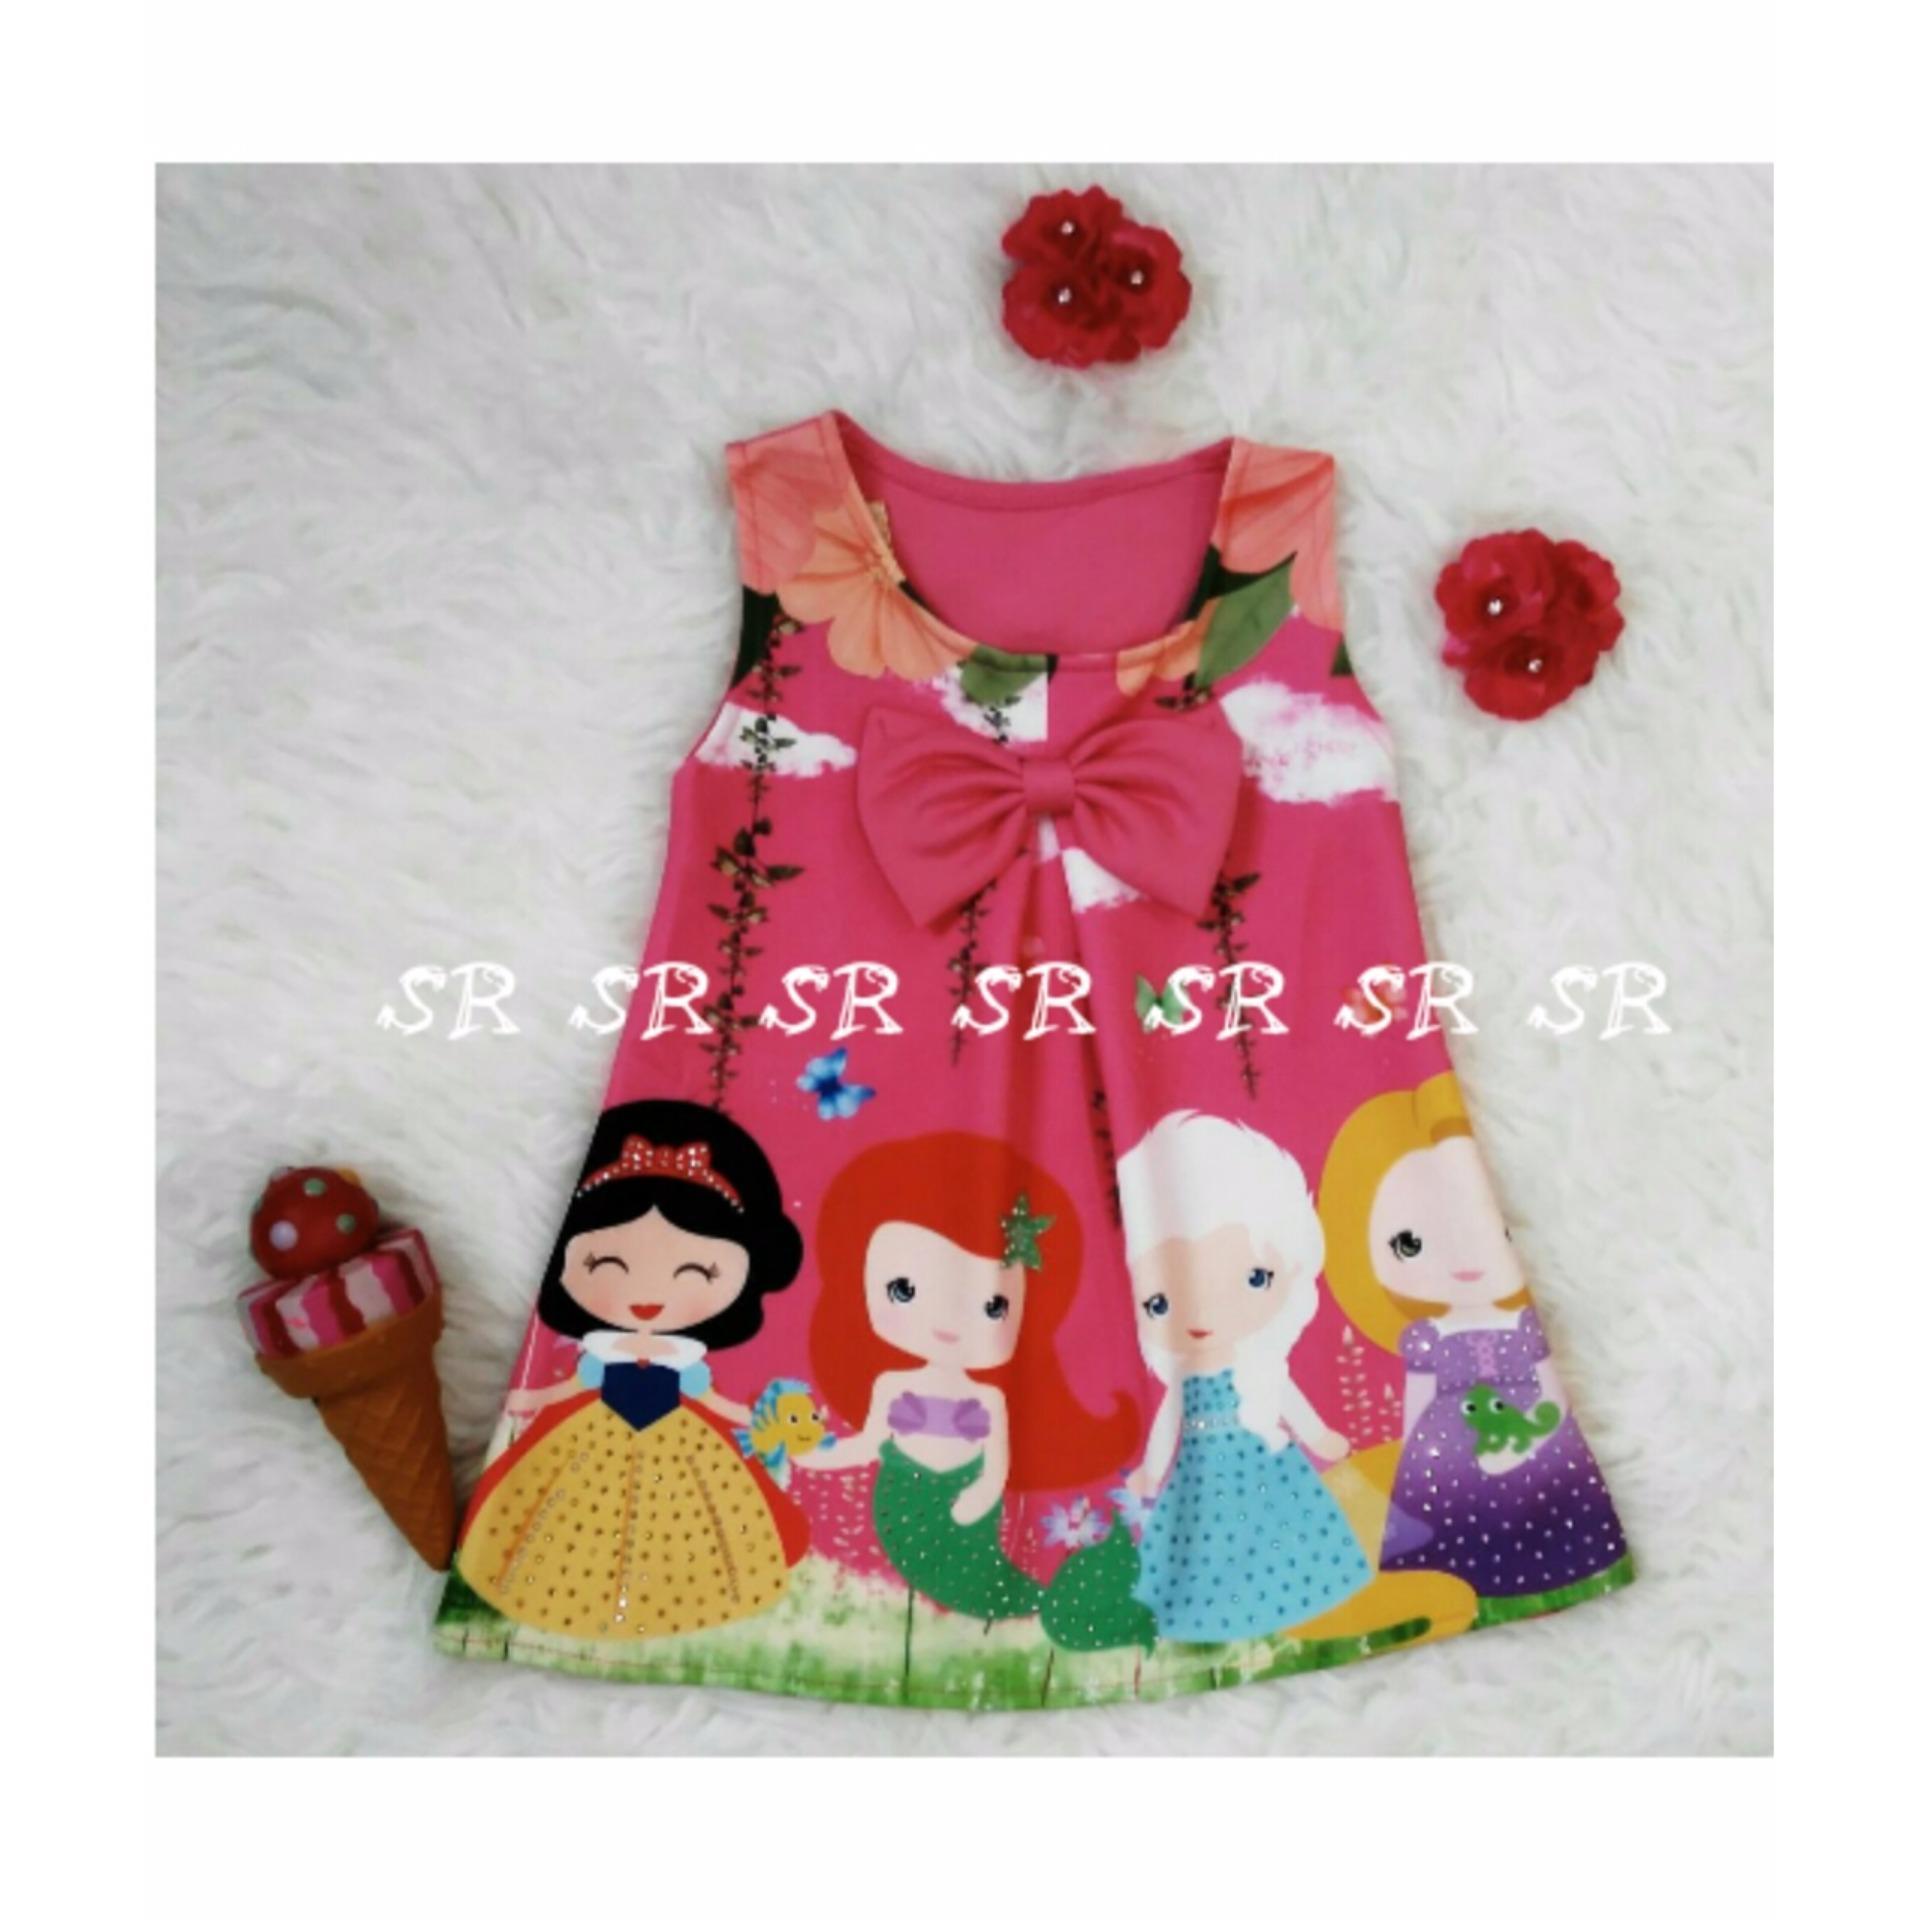 SR Collection Pakaian Anak Perempuan Dress Tanpa Lengan 0105 - Size 1 2 3